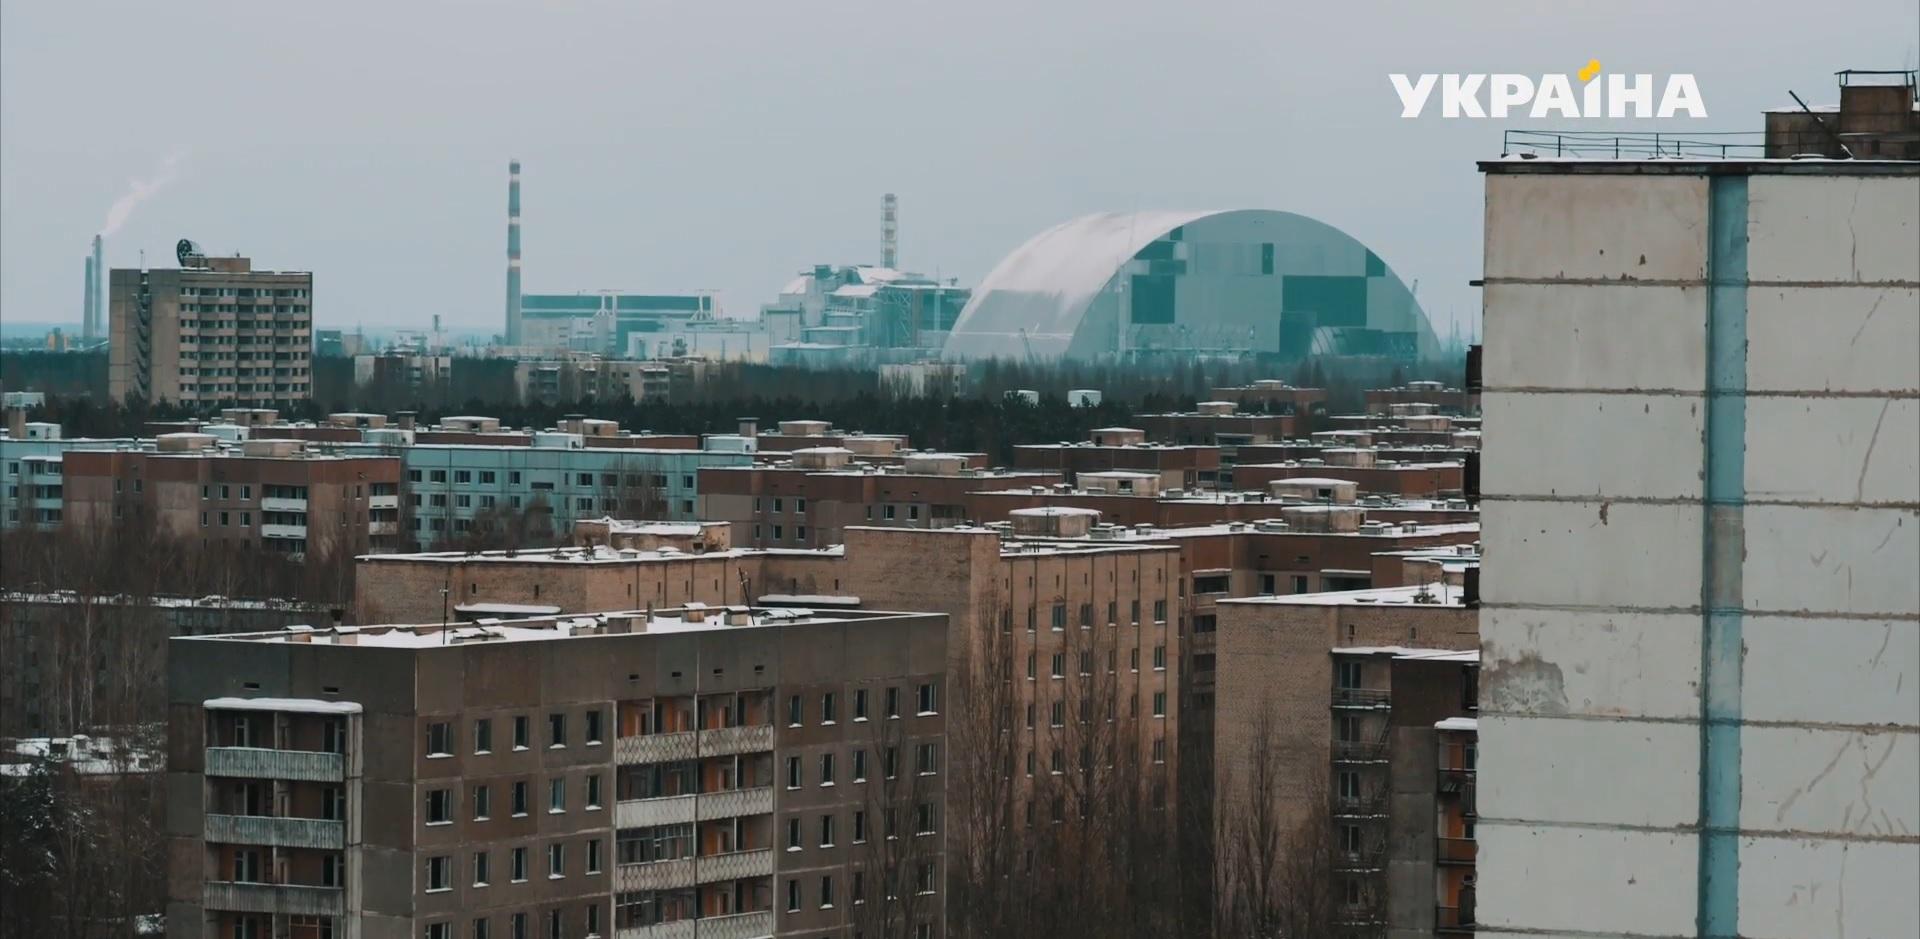 Засновники Ivory Films — про новий детективний серіал та документальні фільми українського виробництва для іноземних глядачів